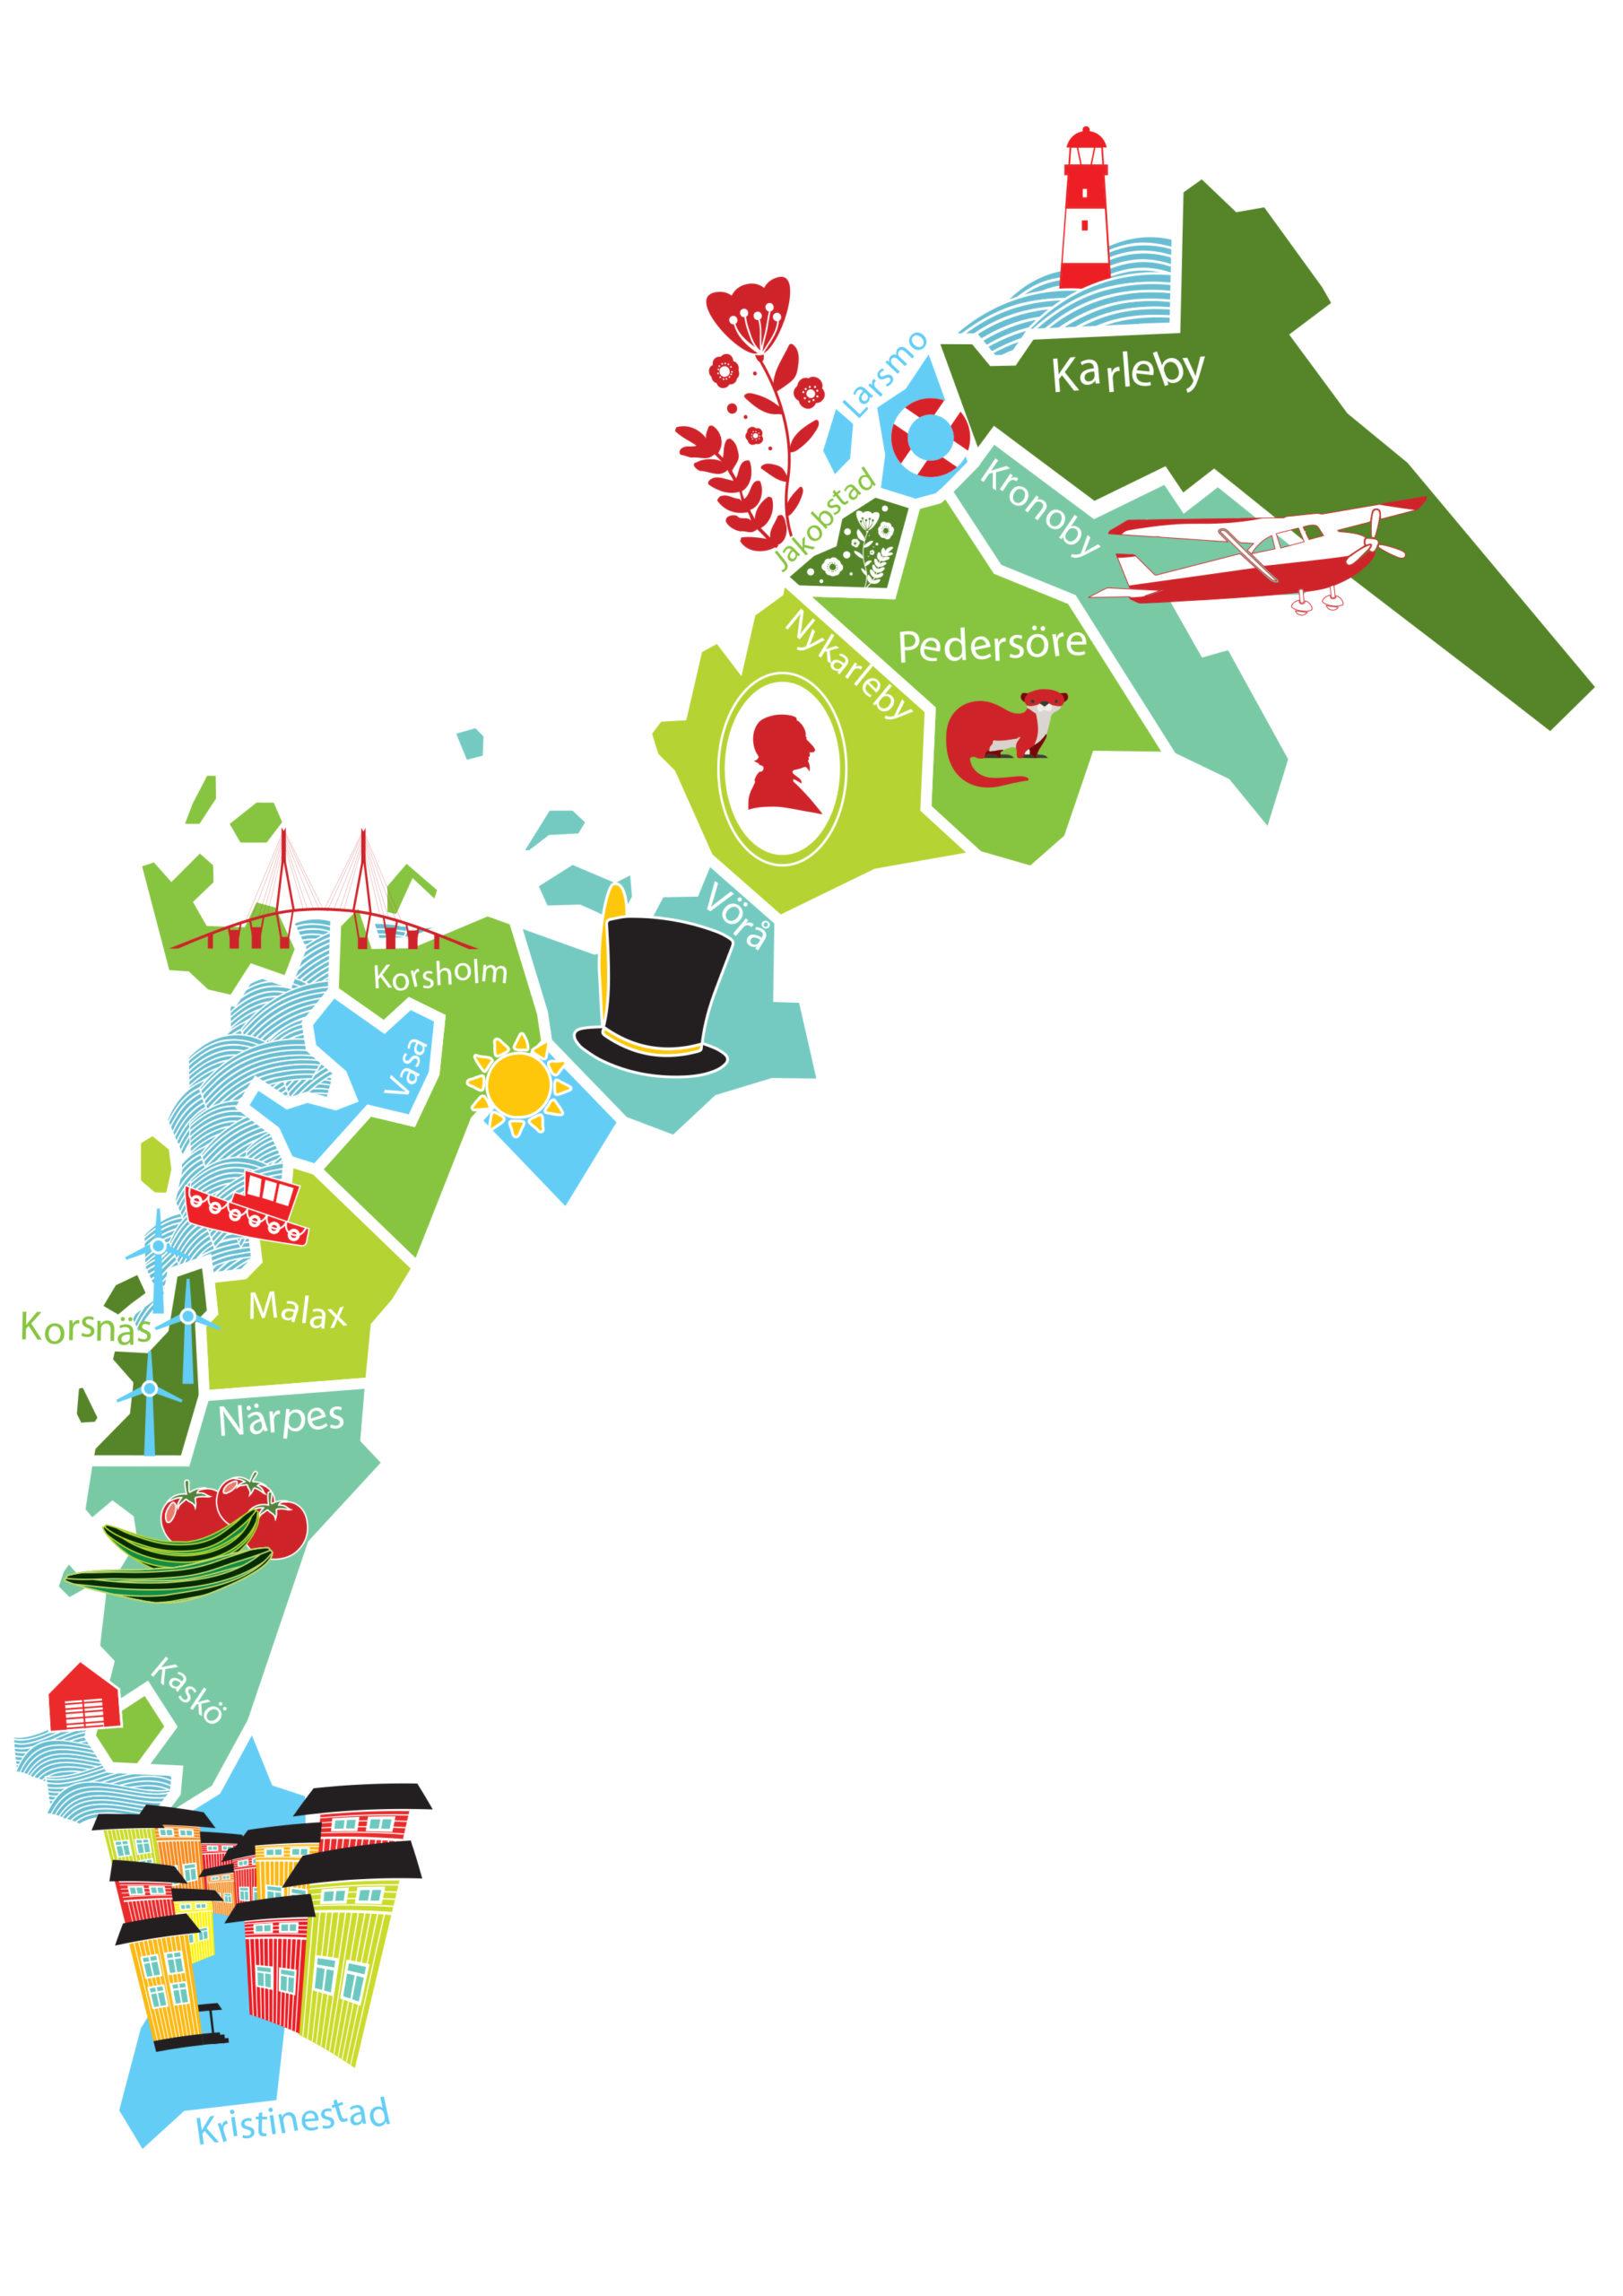 karta över Aktions Österbottens område, innehåller 14 kommuner som är Kristinestad, Korsnäs, Närpes, Kaskö, Malax, Korsholm, Vasa, Vörå, Larsmo, Pedersöre, Kronoby, Nykarleby, Jakobstad och Karleby. class=